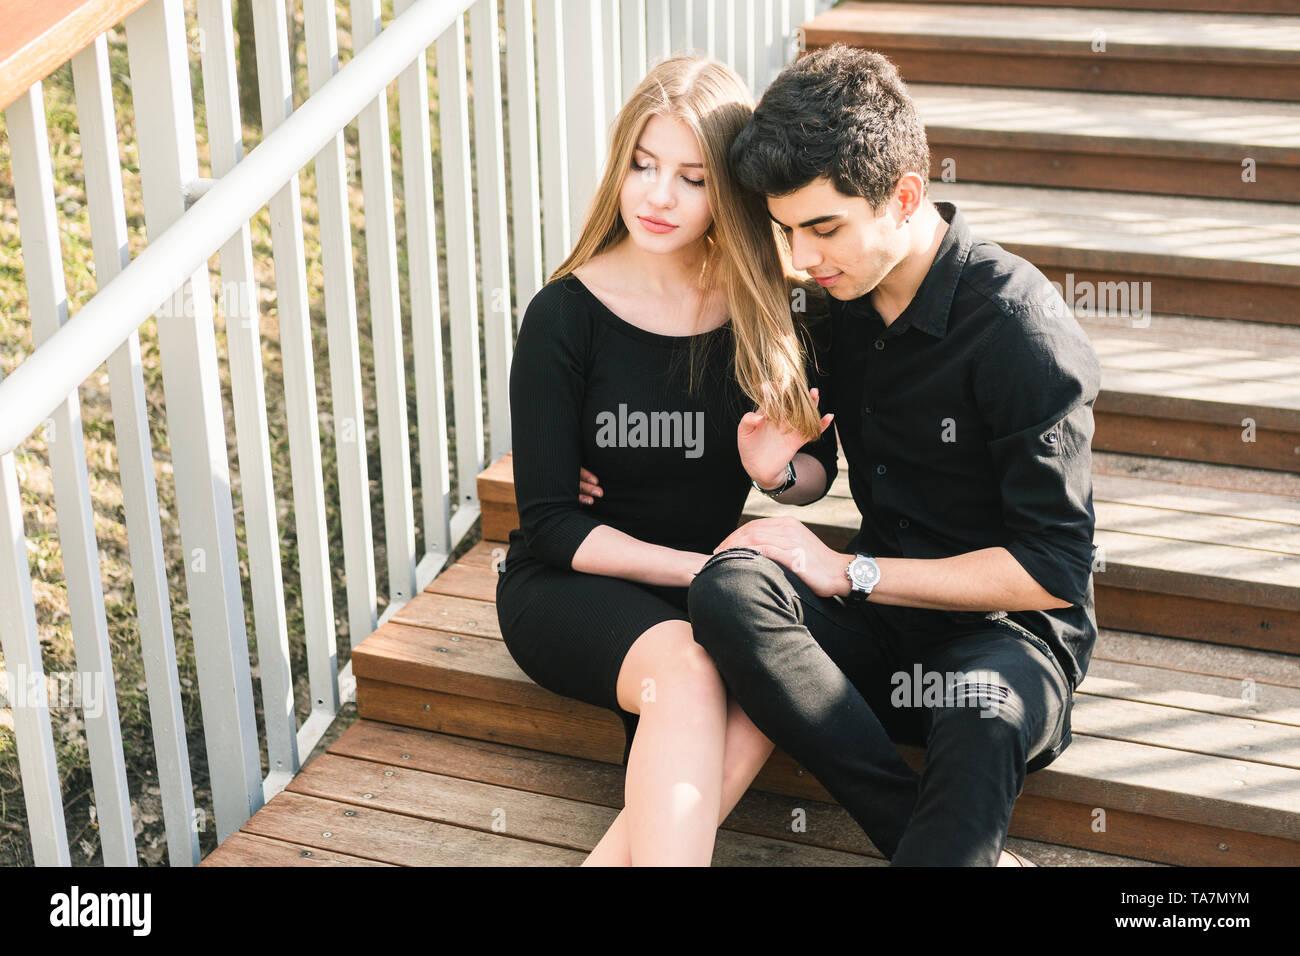 Hermosa joven pareja multirracial, estudiante par en amor, sentarse escalera de madera en la ciudad. Hermosa morena turco guy abrazo caucásico chica en Foto de stock